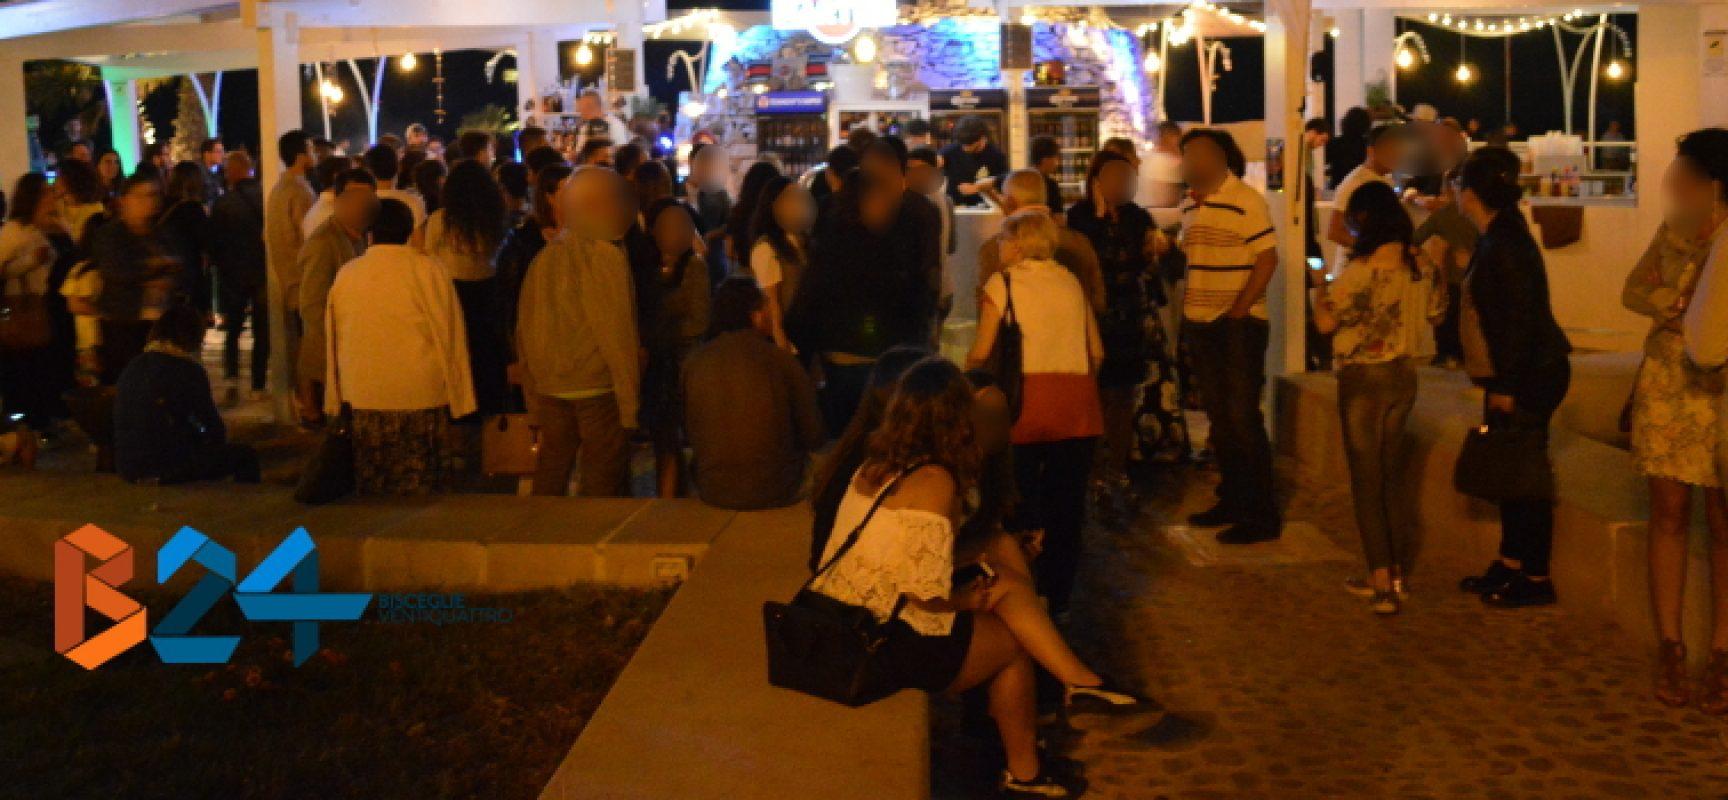 Riduzione volume musica e divieto vendita bottiglie di vetro, ordinanze del sindaco Spina